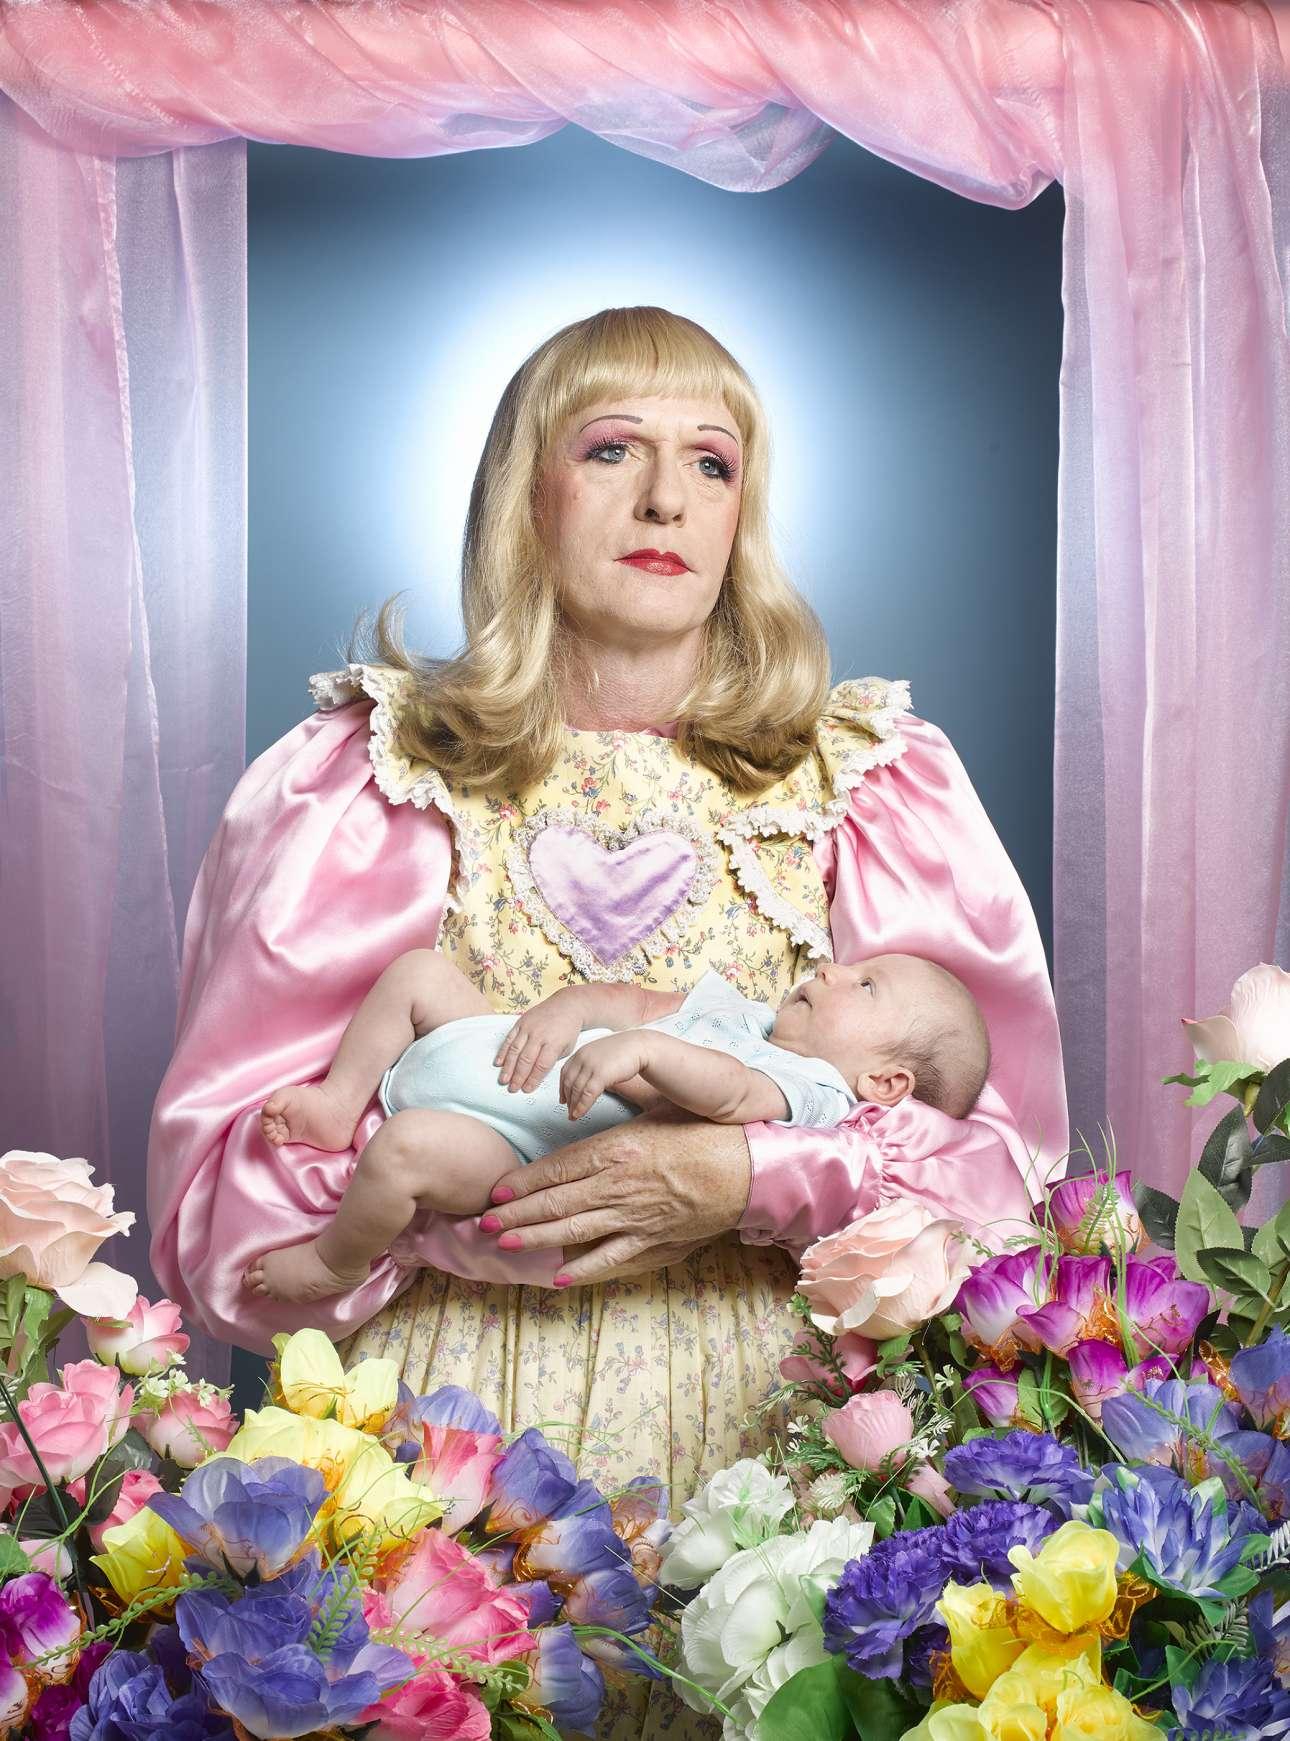 Πρώτη θέση στην κατηγορία Πορτρέτο. Ο βρετανός καλλιτέχνης Γκρέισον Πέρι μαζί με τον φωτογράφο Ρίτσαρντ Ανσετ φέρνουν το θέμα Μητέρα και Παιδί στον 21ο αιώνα. (O Πέρι -με φωτοστέφανο από προβολέα- φωτογραφίστηκε σαν Virgin Mary/Παρθένος Μαρία)